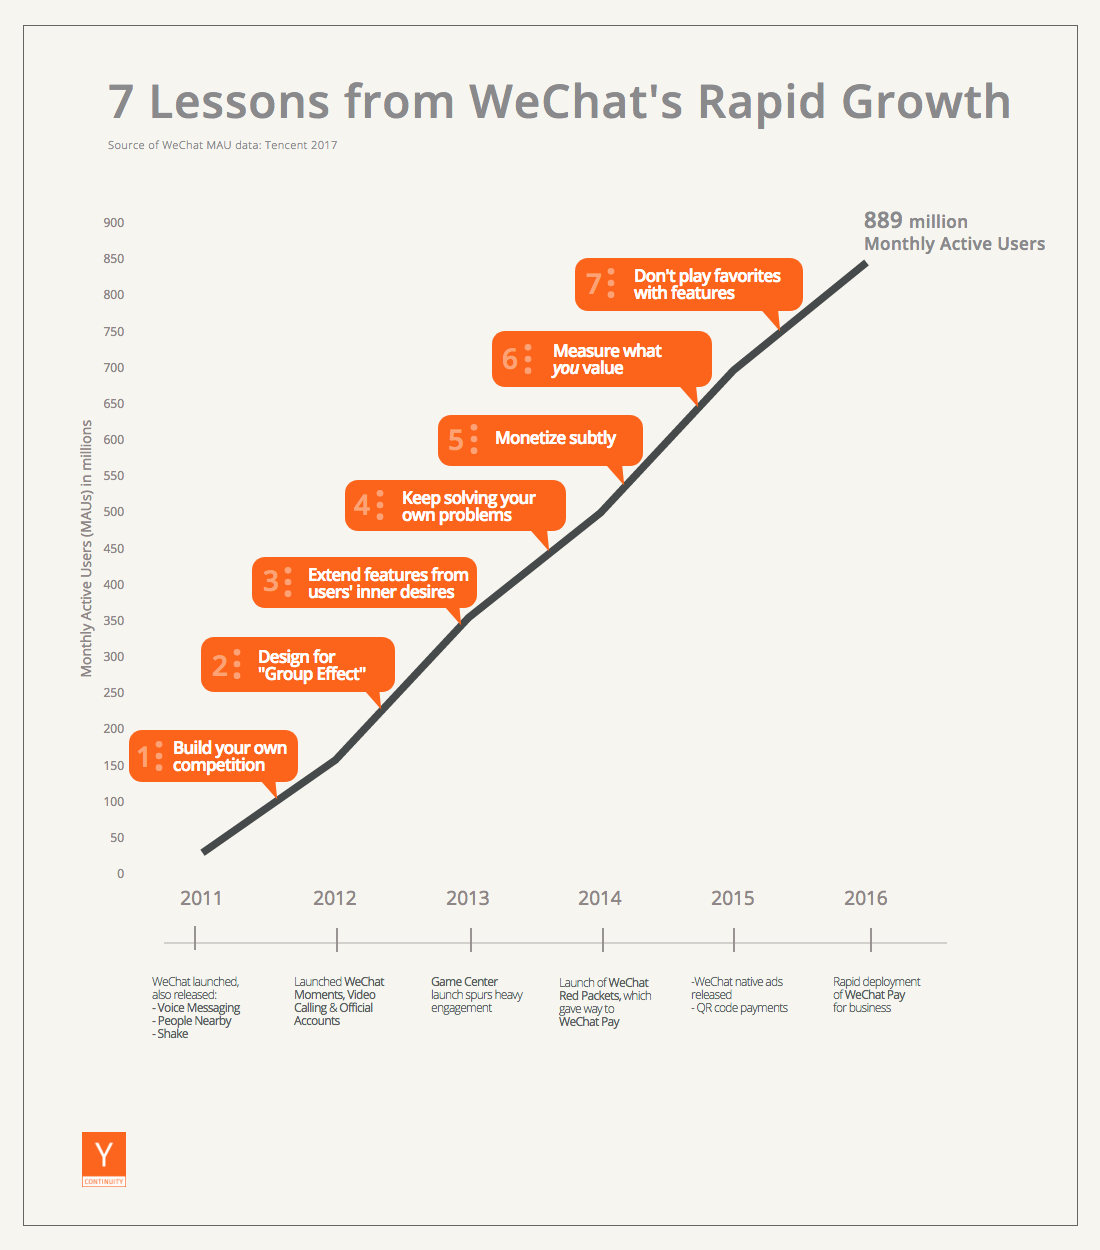 Как расти: 7 уроков, которые даёт история WeChat - 2